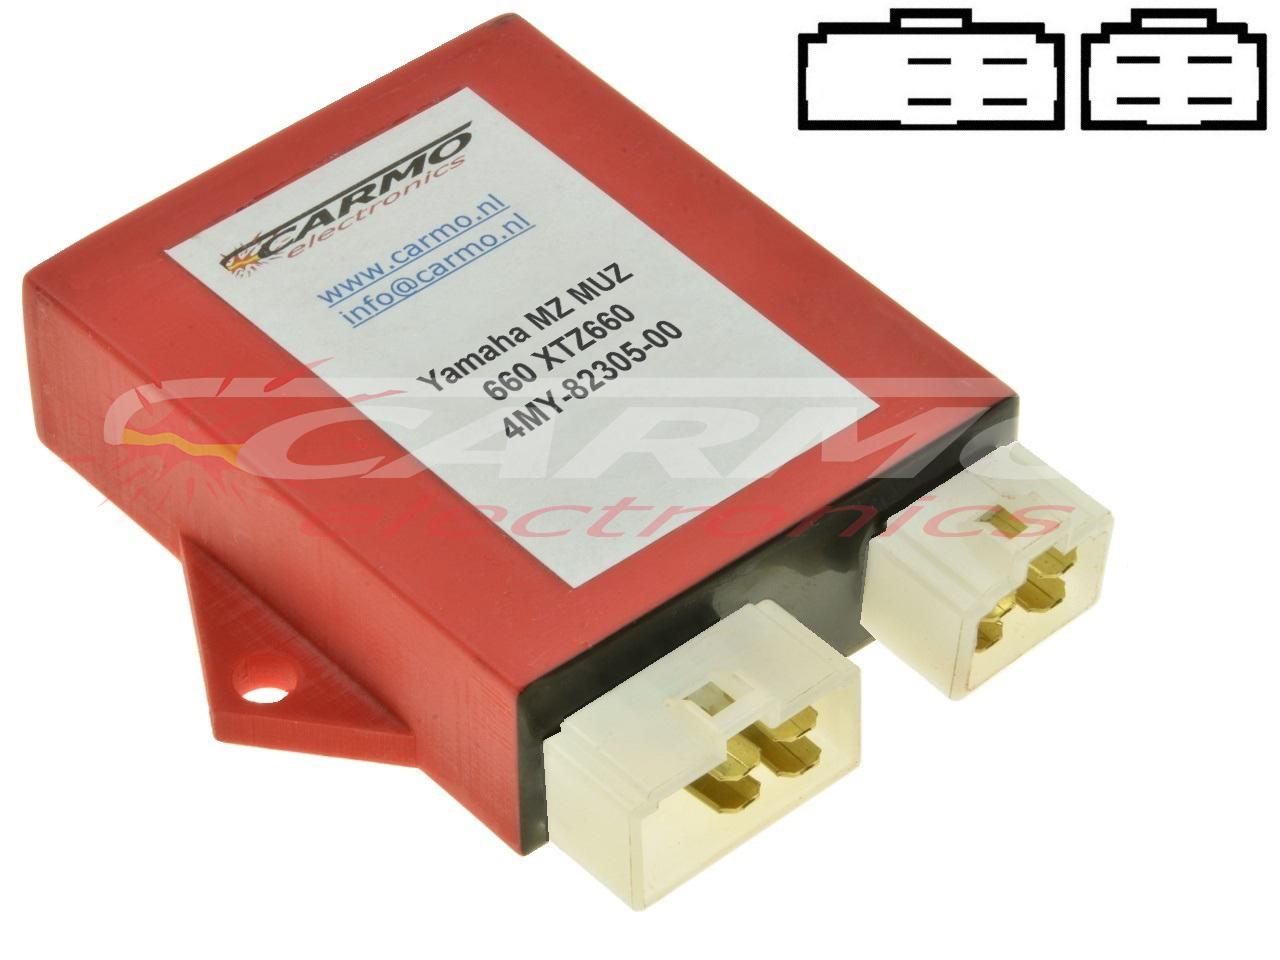 Yamaha MZ MUZ 660 XTZ660 CDI igniter (4MY-82305-00, 131800-6150